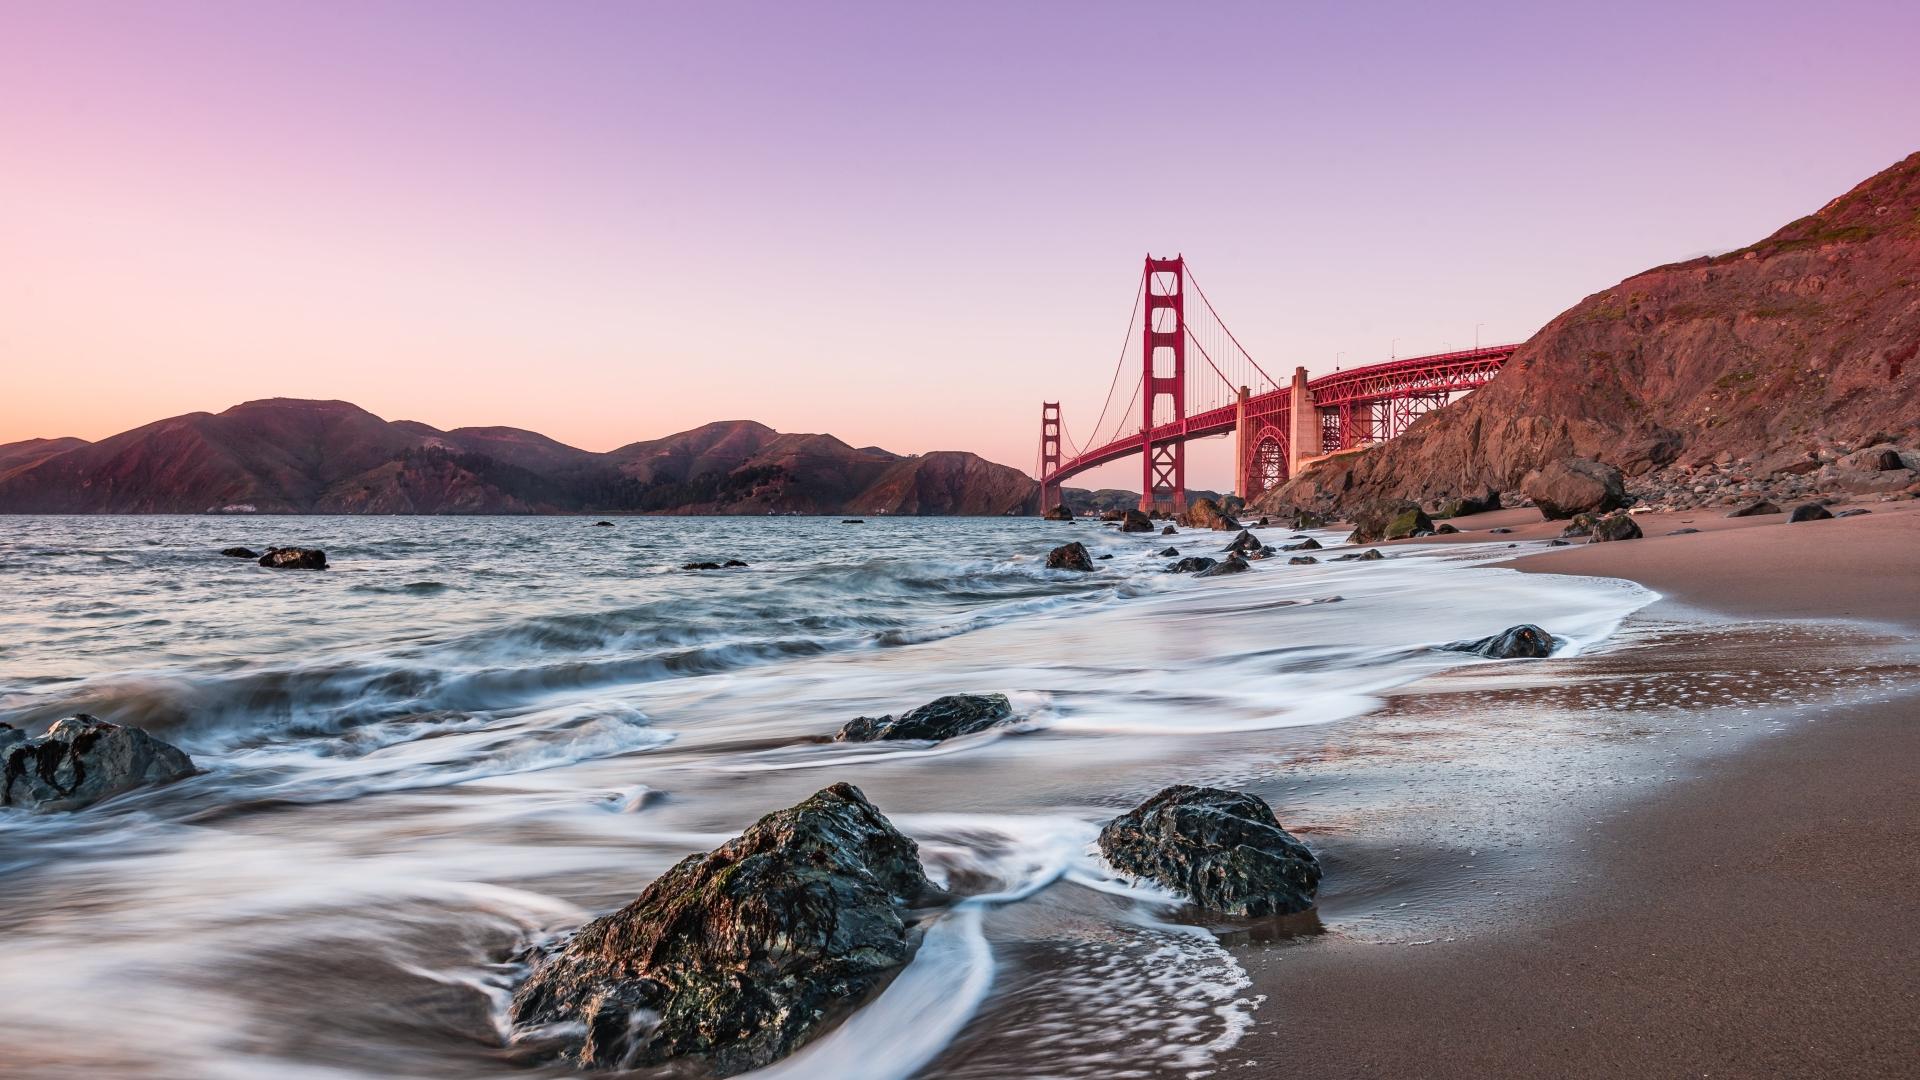 1920x1080 Baker Beach Golden Gate Bridge 1080p Laptop Full Hd